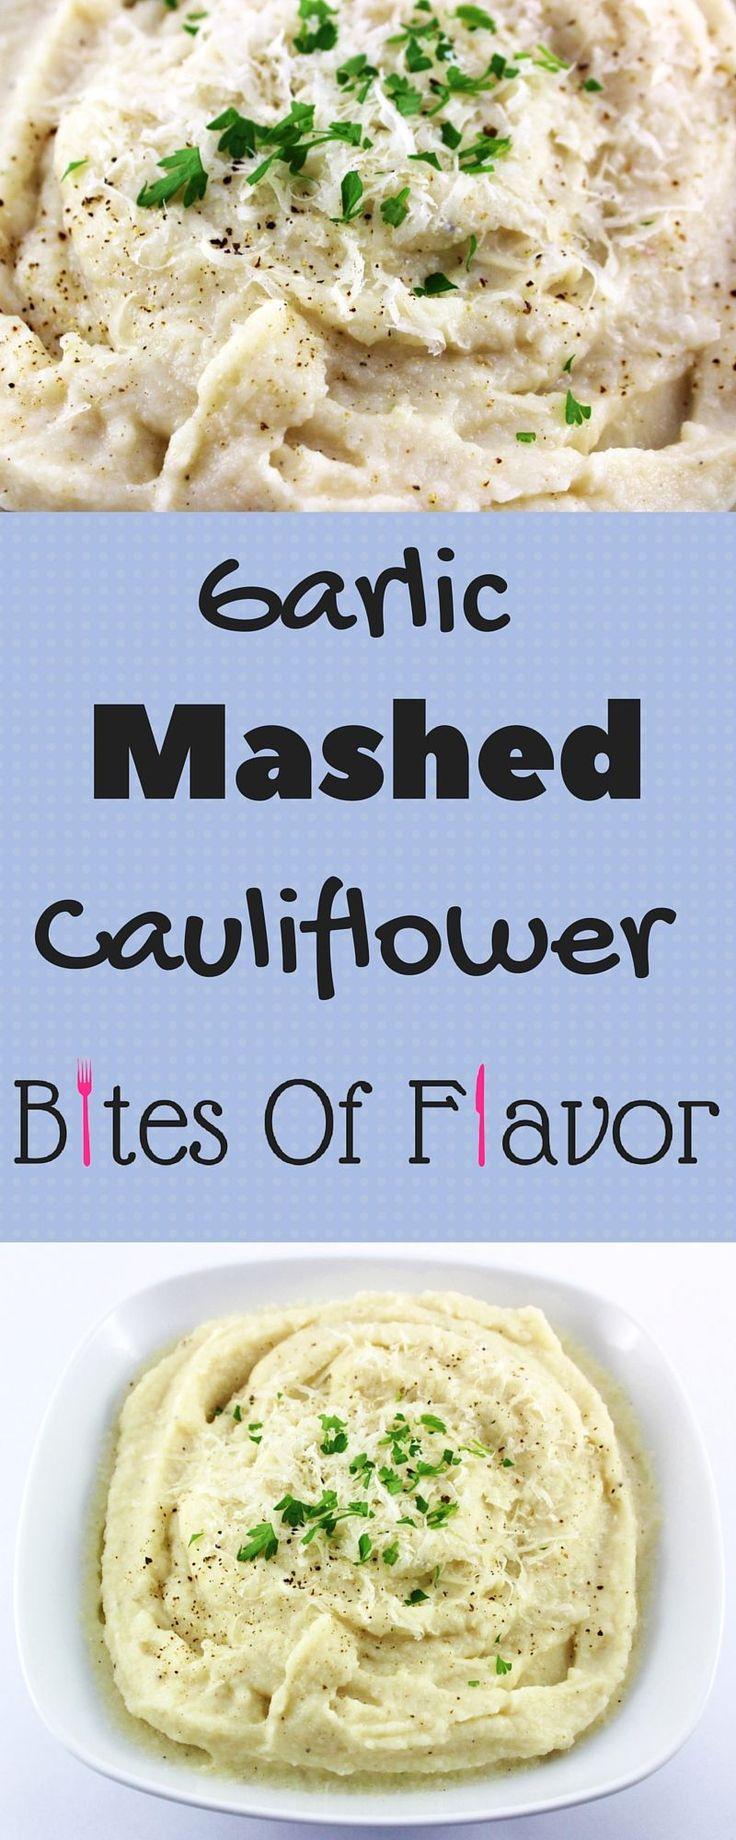 Garlic Mashed Cauliflower-Healthy Comfort Food- 2 SmartPoints- Cauliflower Recipes